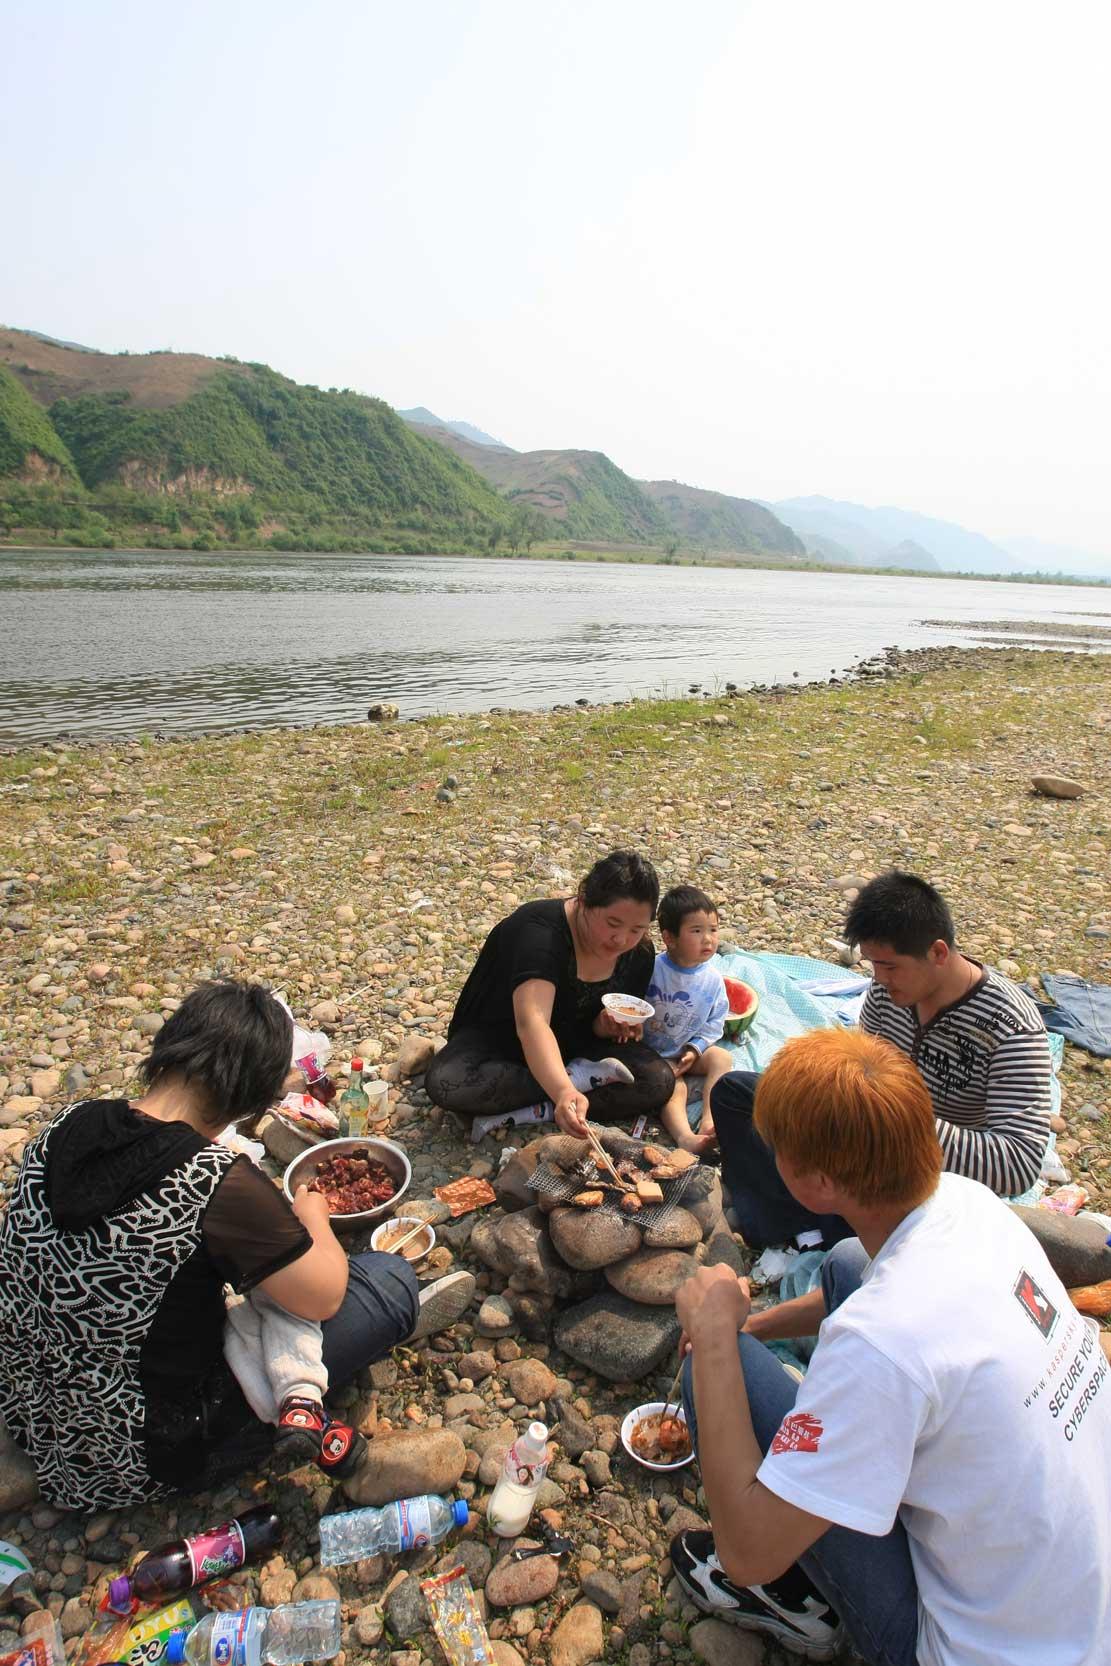 世界遺産のまち、集安~のどかな鴨緑江沿いの風景_b0235153_13274644.jpg